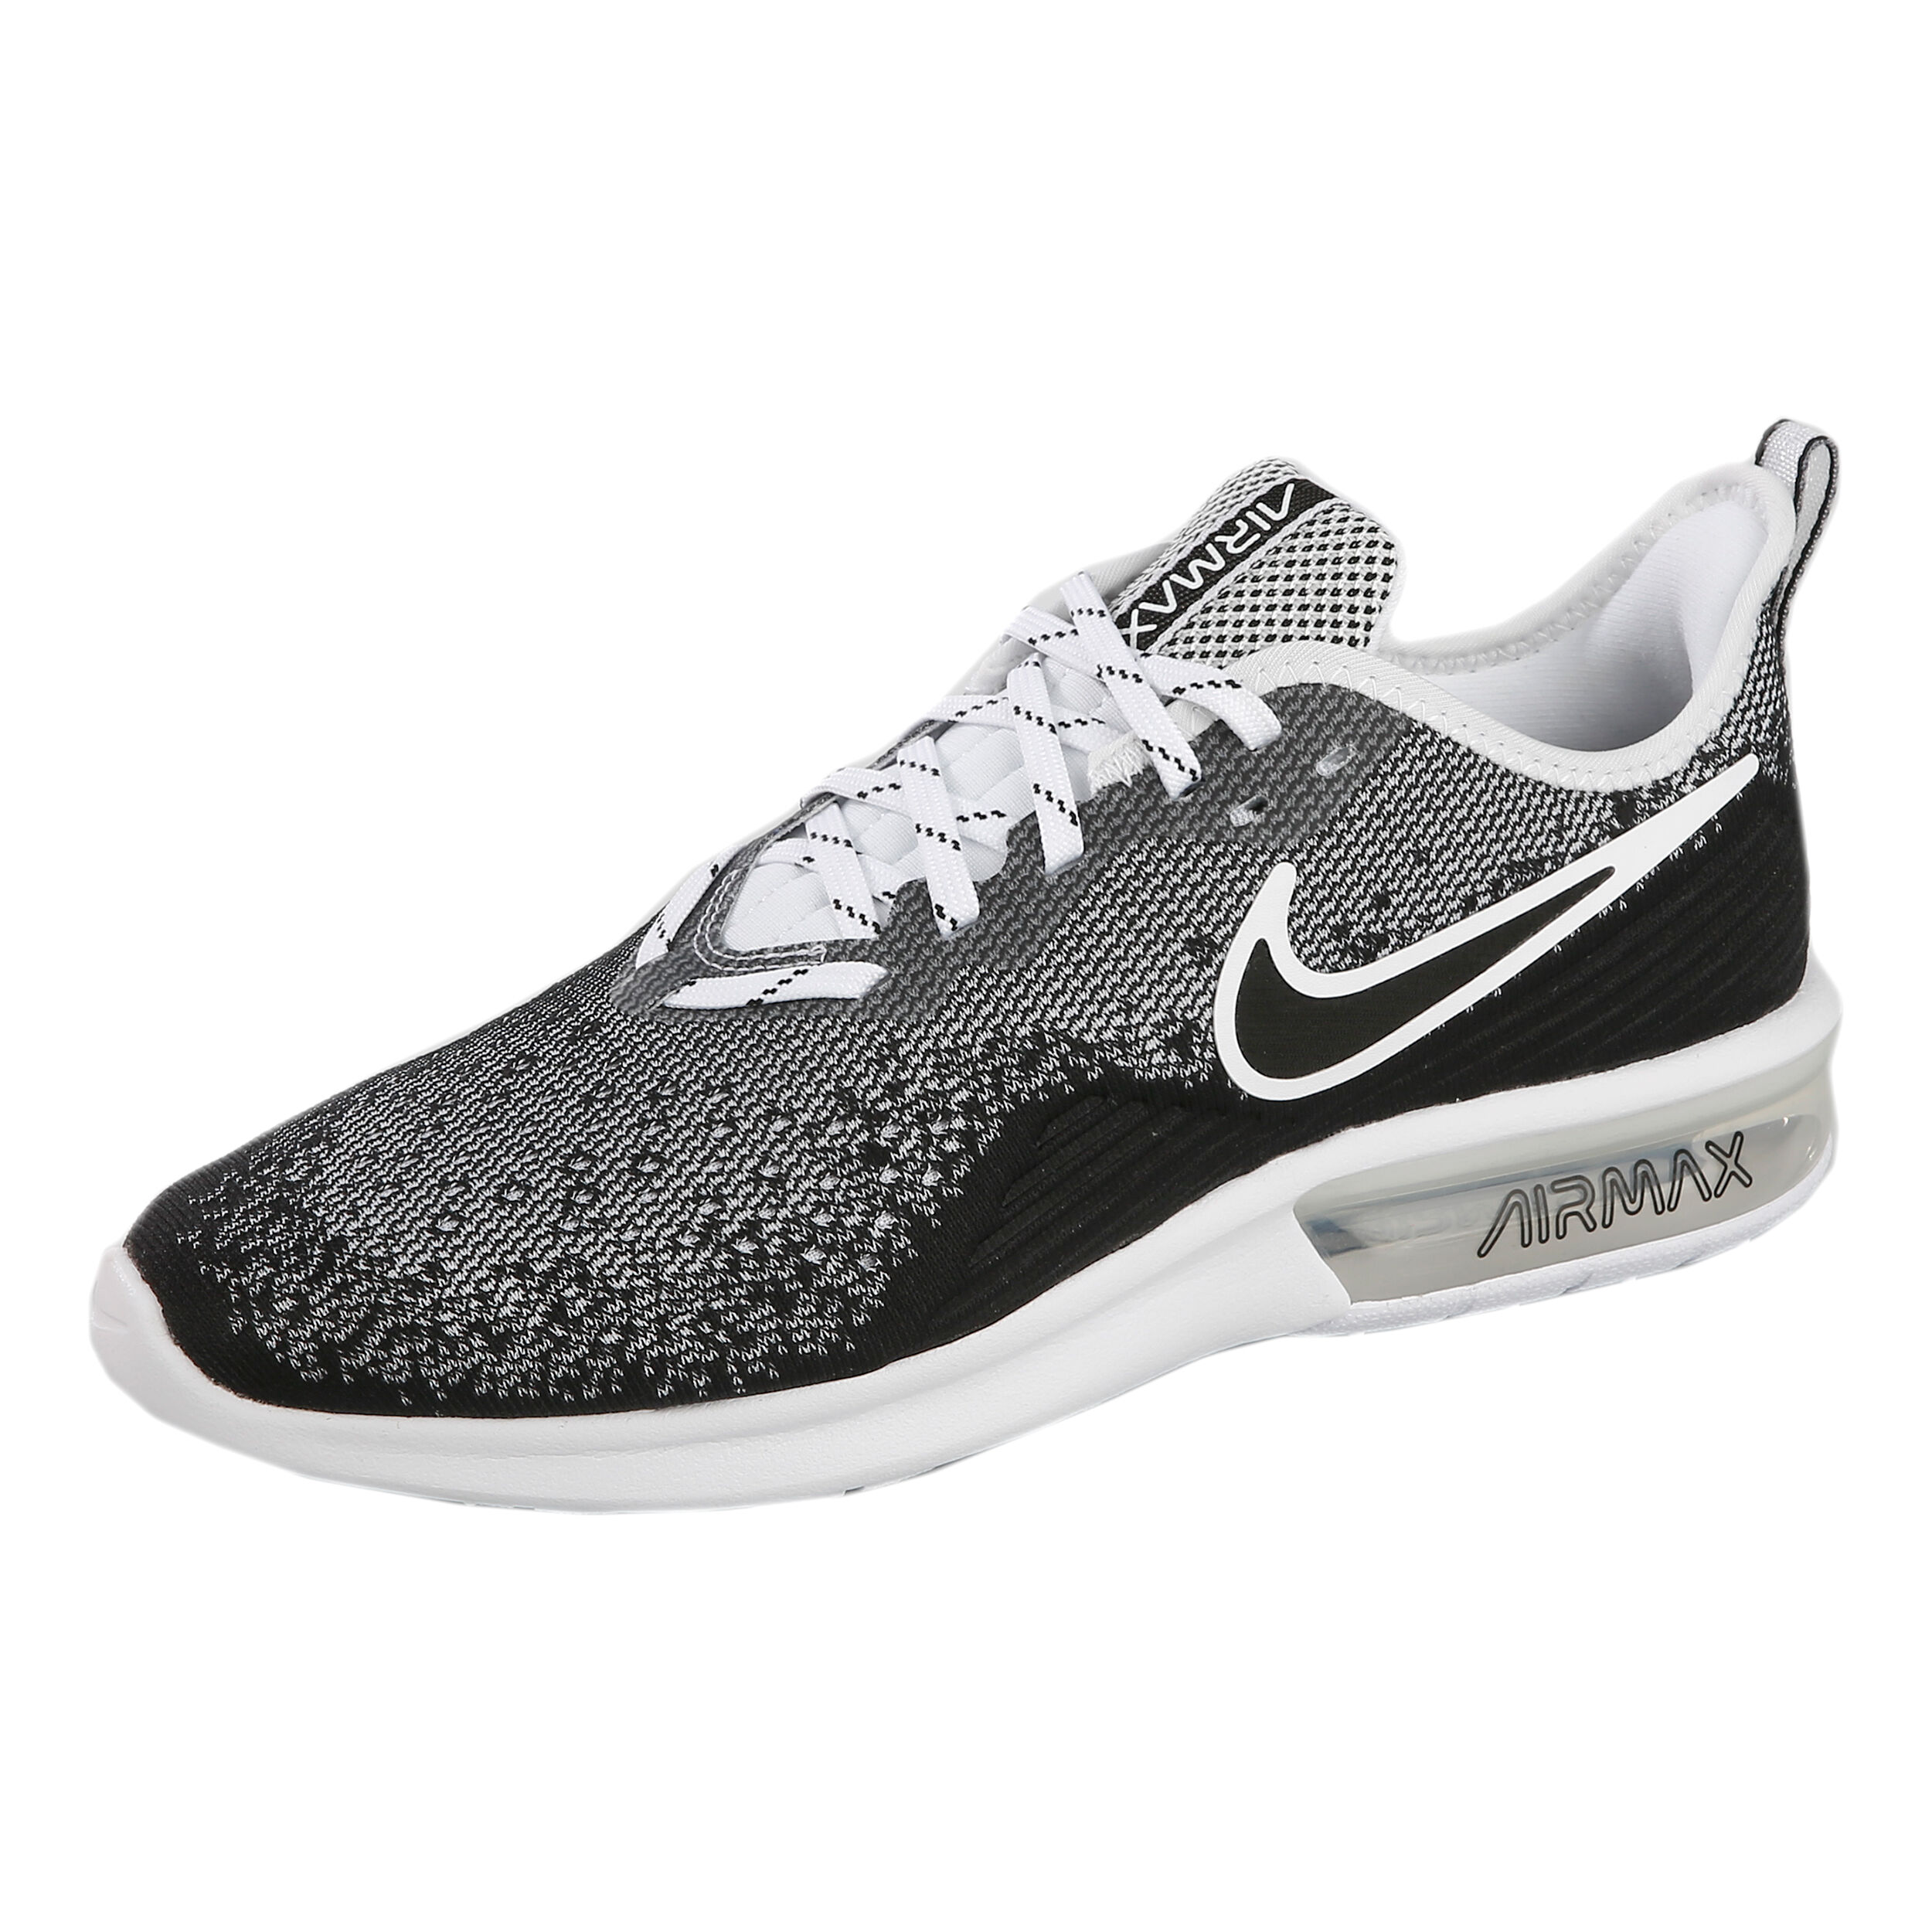 Nike Air Max Sequent 4 Neutralschuh Herren Schwarz, Grau